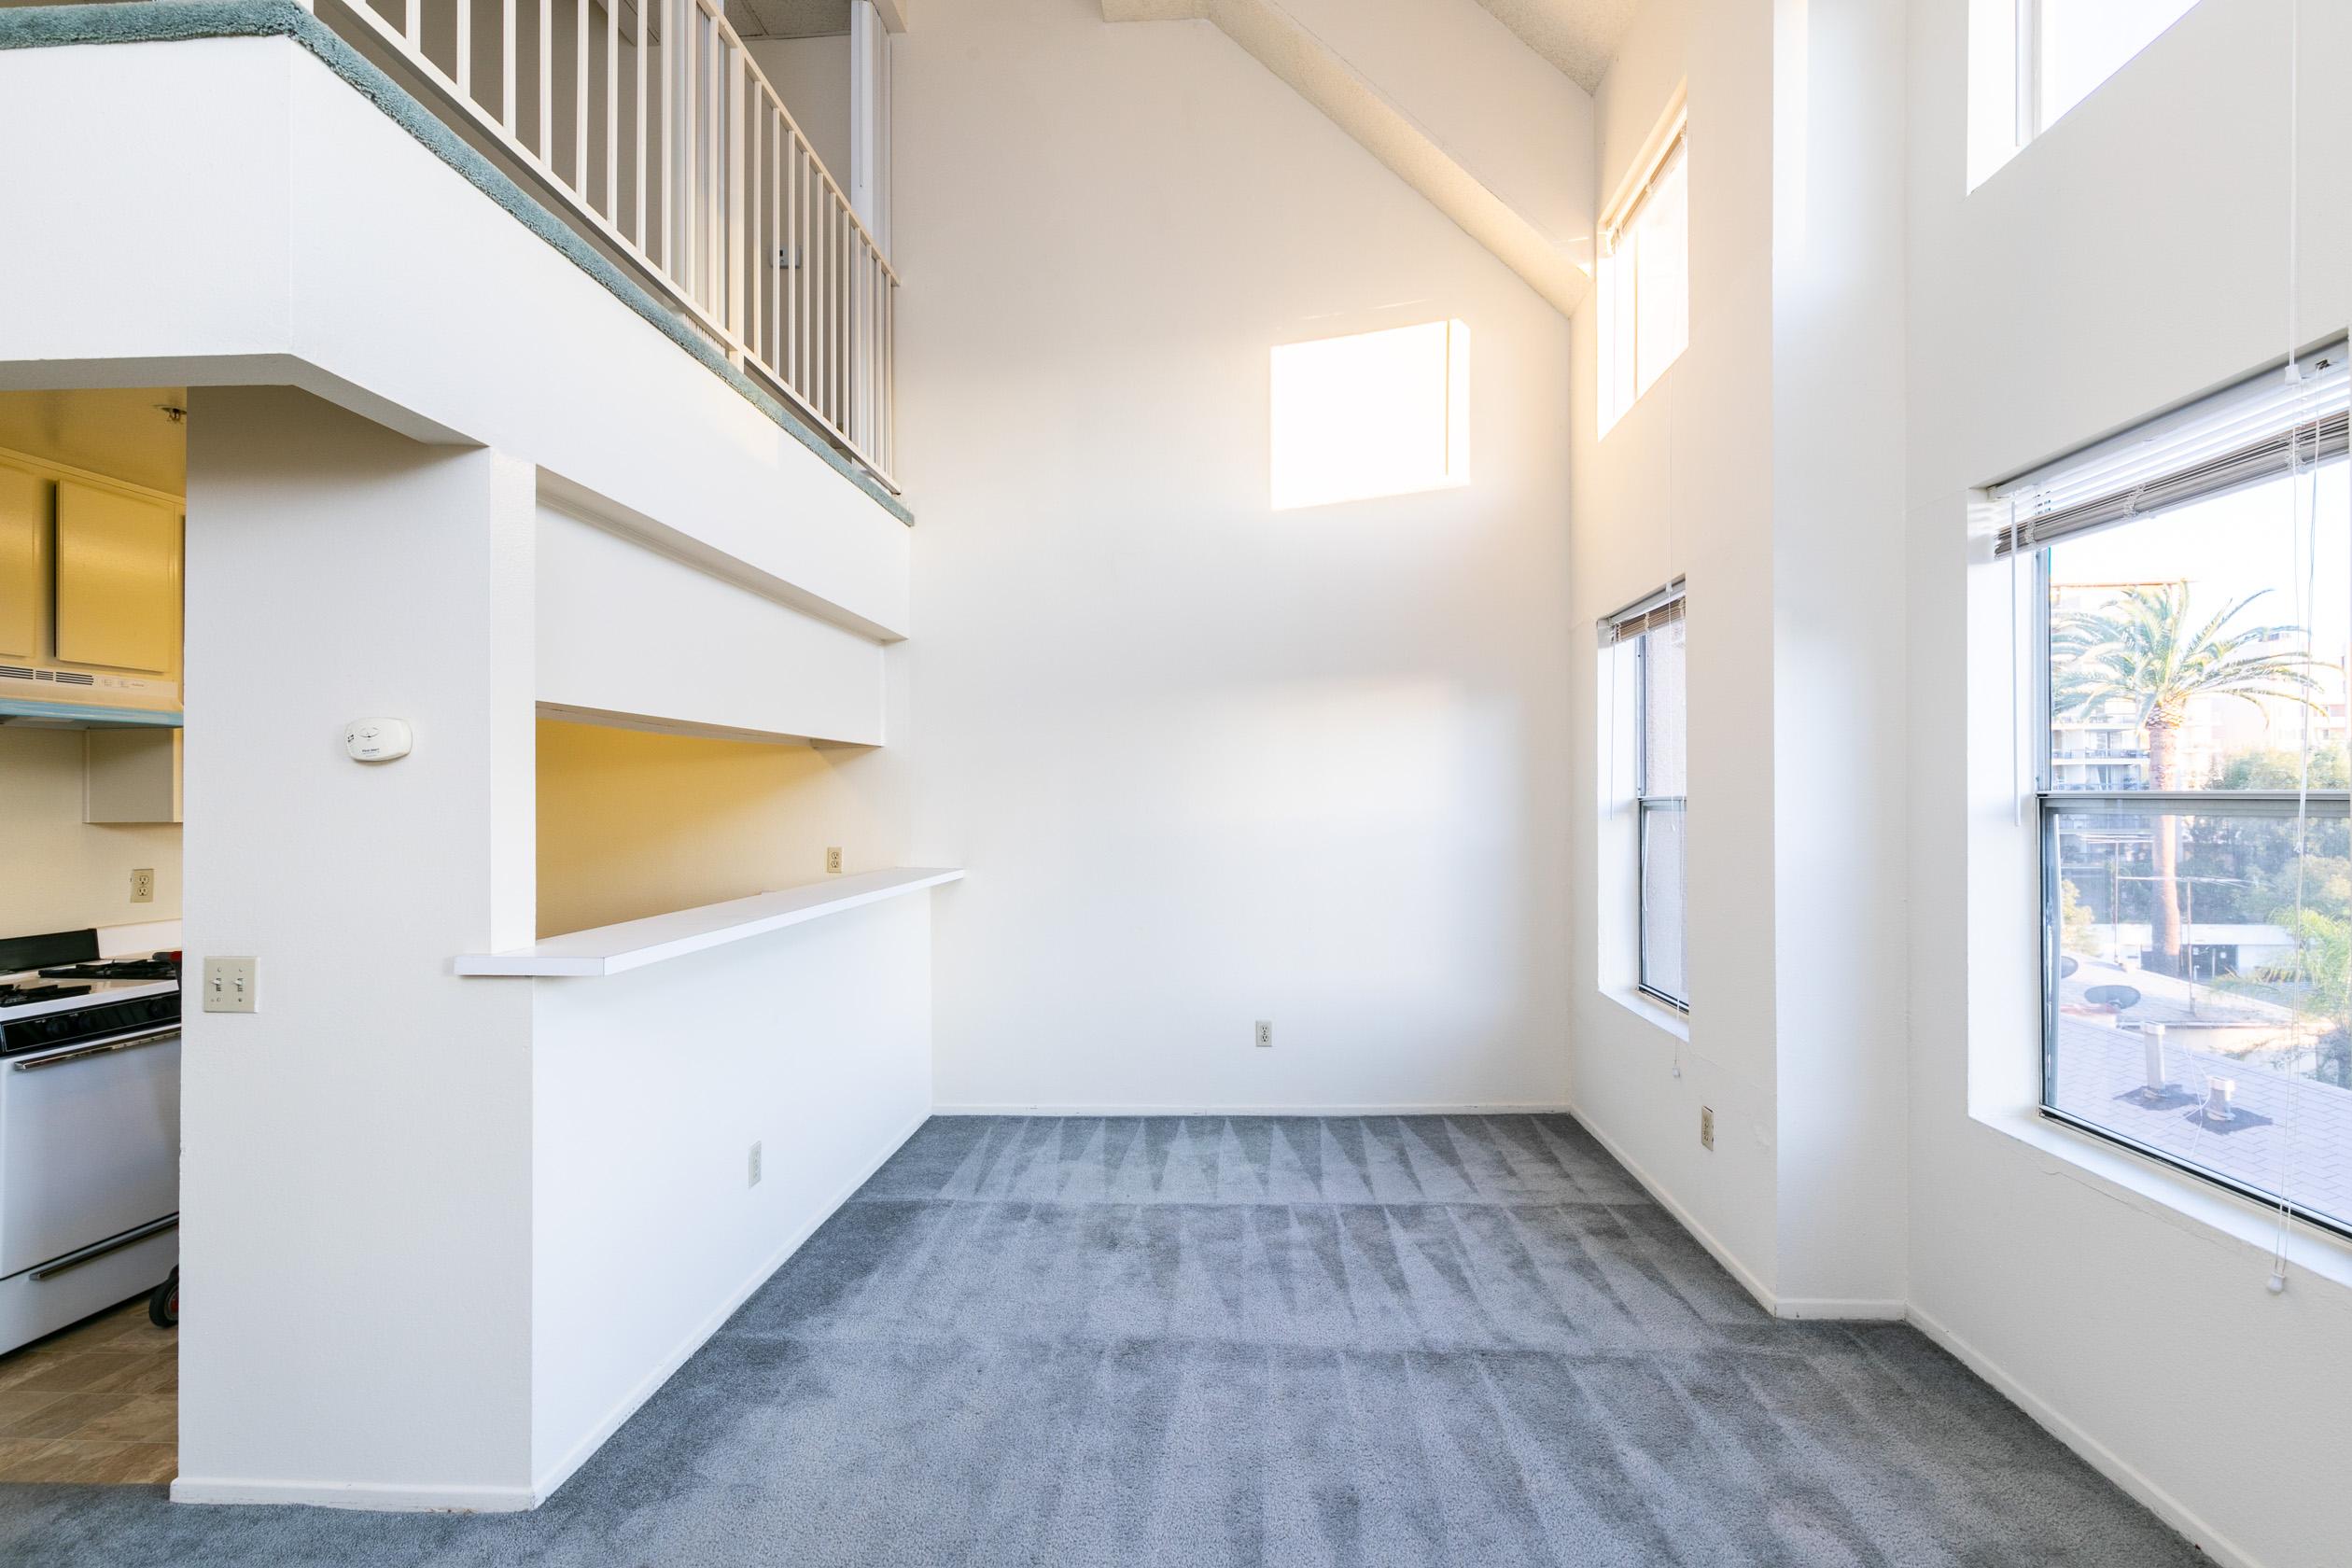 1BD LOFT |Atrium Ceilings | Double Height Windows | Central Air|1 Parking Spot